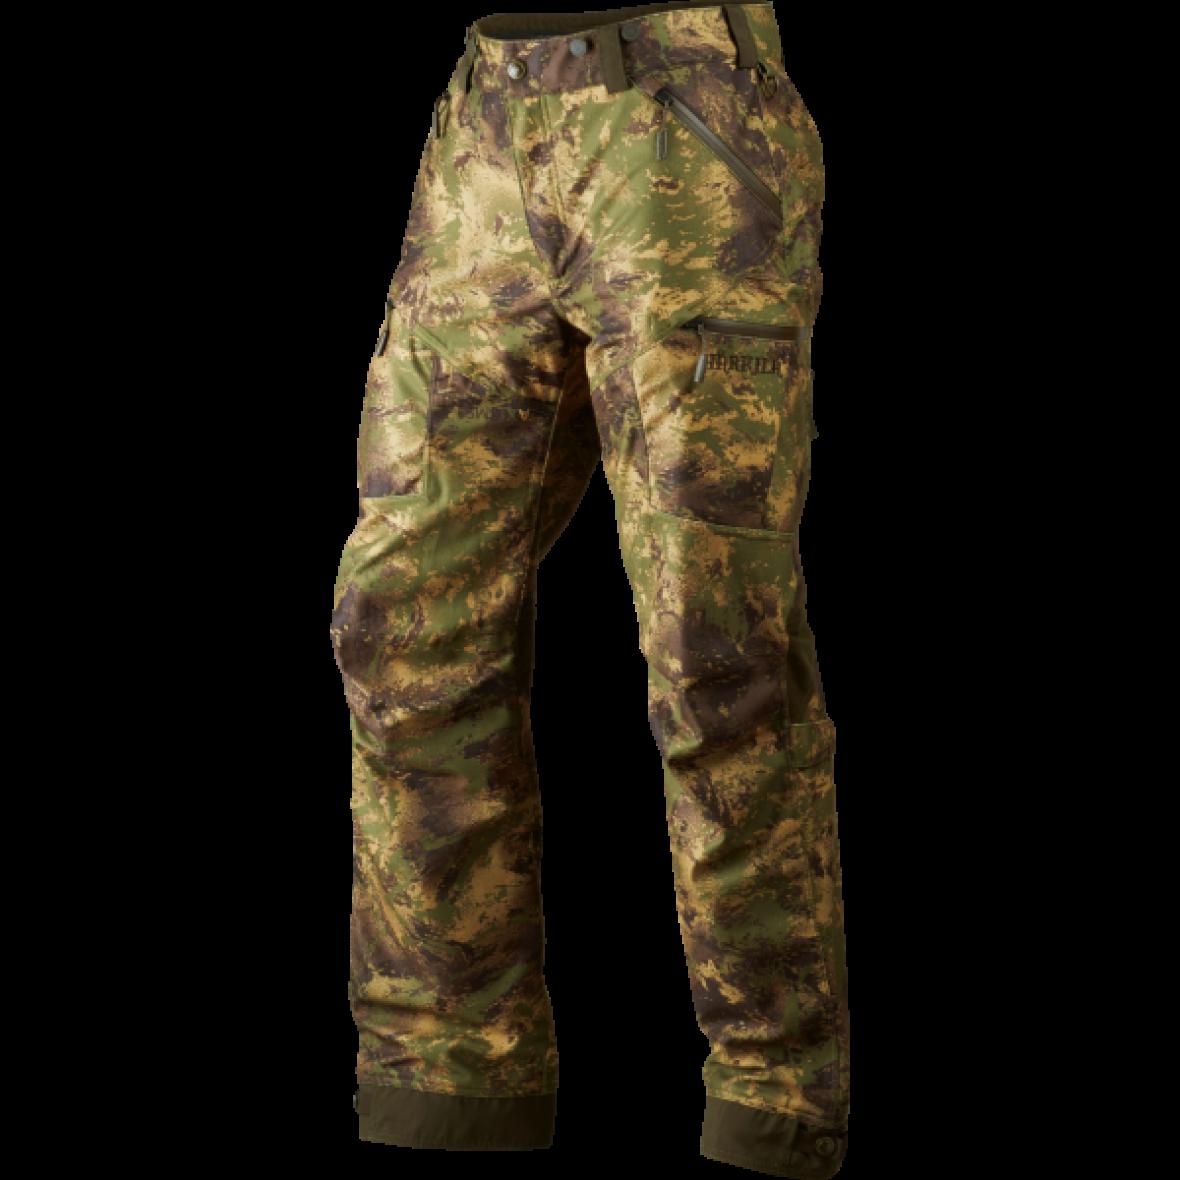 Tøj til jagt